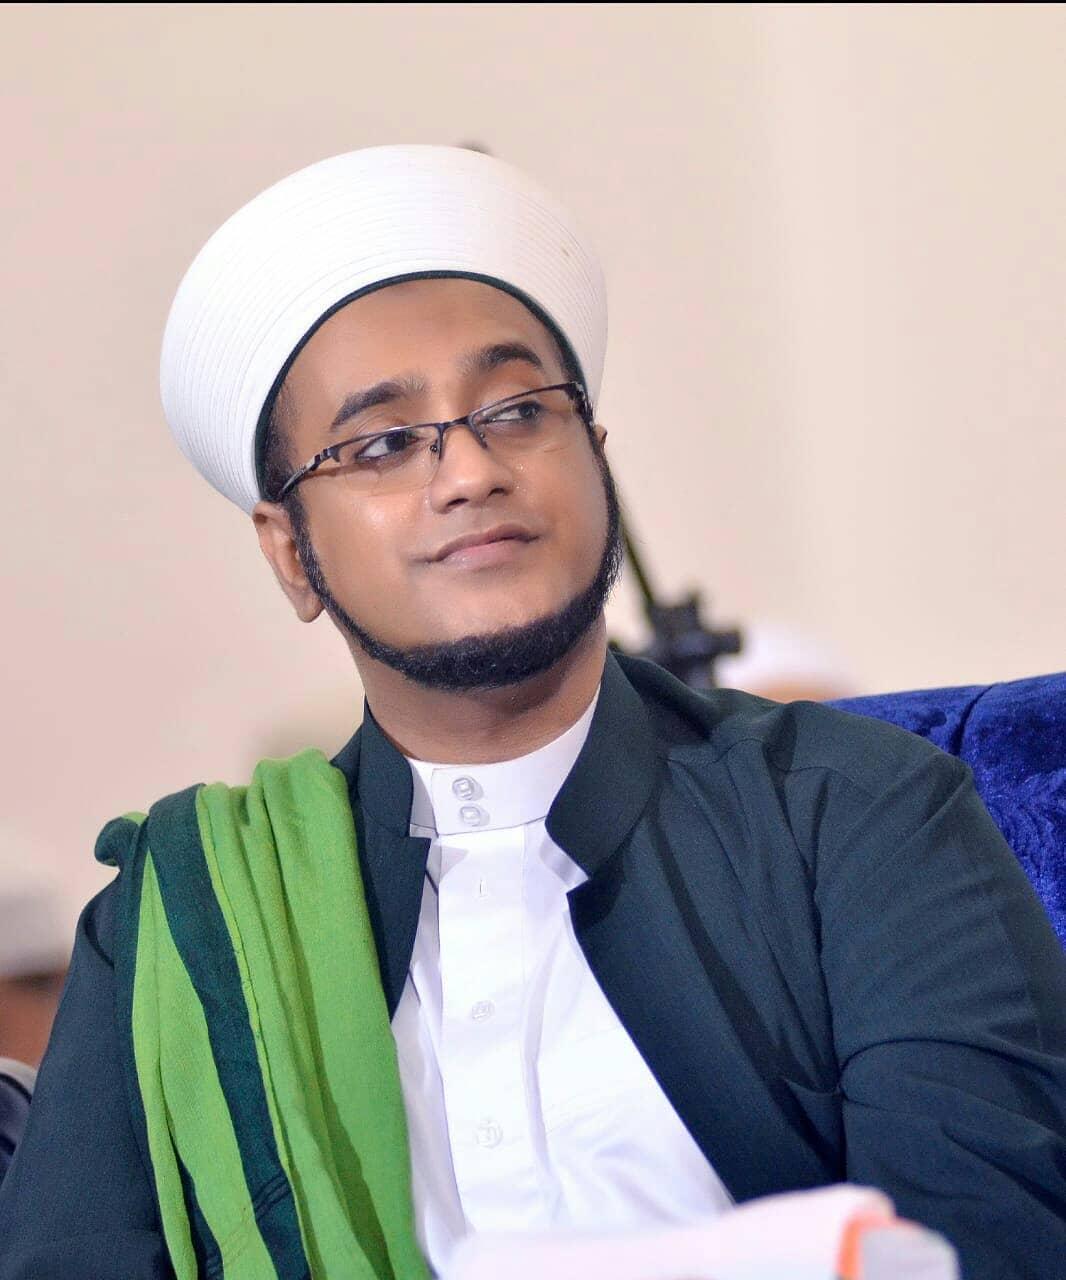 Download Wallpaper Habib Hasan 2702212